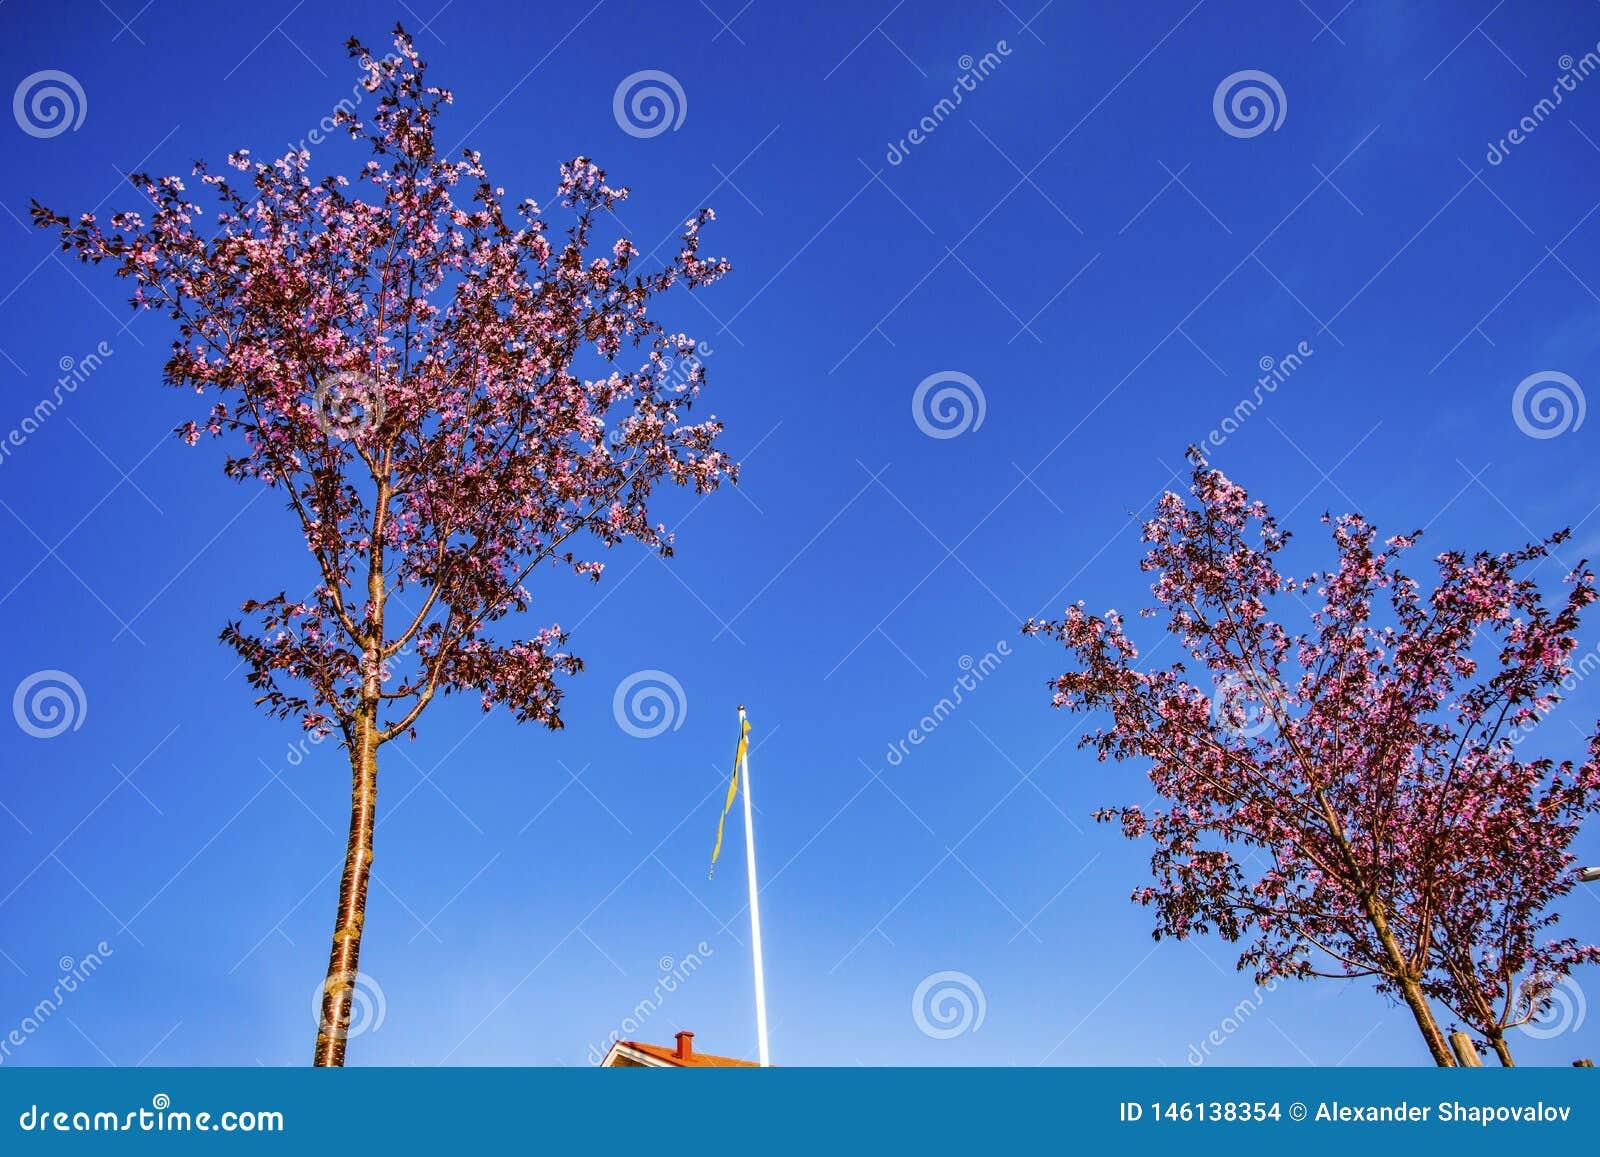 Πανέμορφη άποψη της σουηδικής σημαίας μεταξύ δύο ανθίζοντας δέντρων μηλιάς στο υπόβαθρο μπλε ουρανού